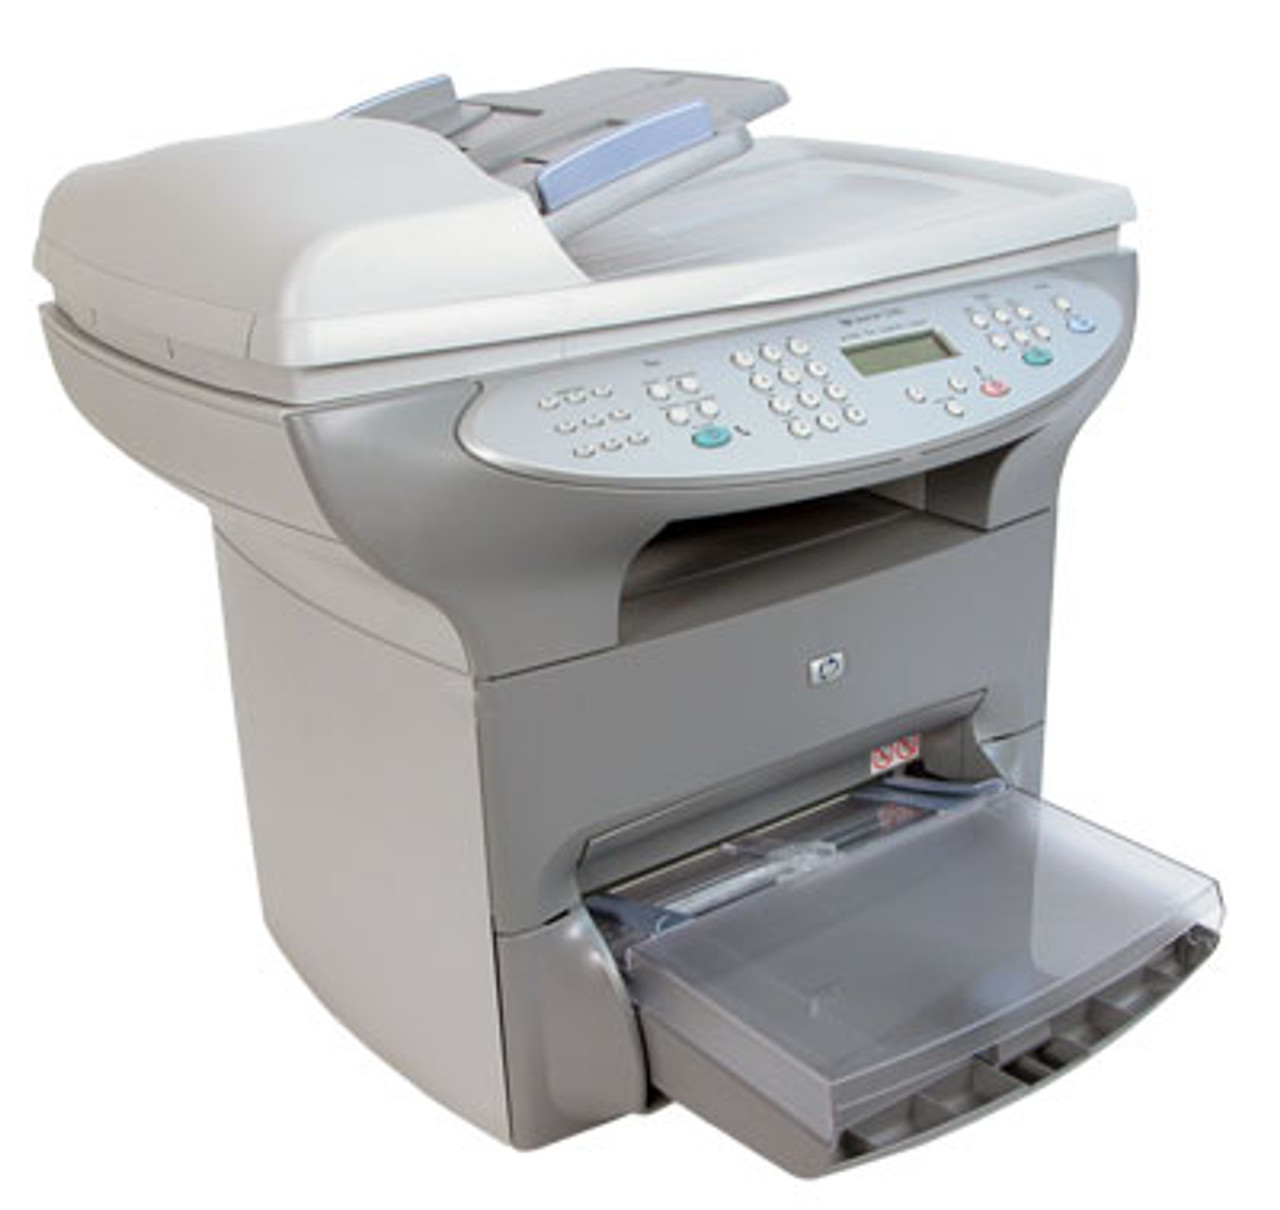 HP LaserJet 3380 - Q2660A - HP Laser Printer Copier Scanner Fax for sale